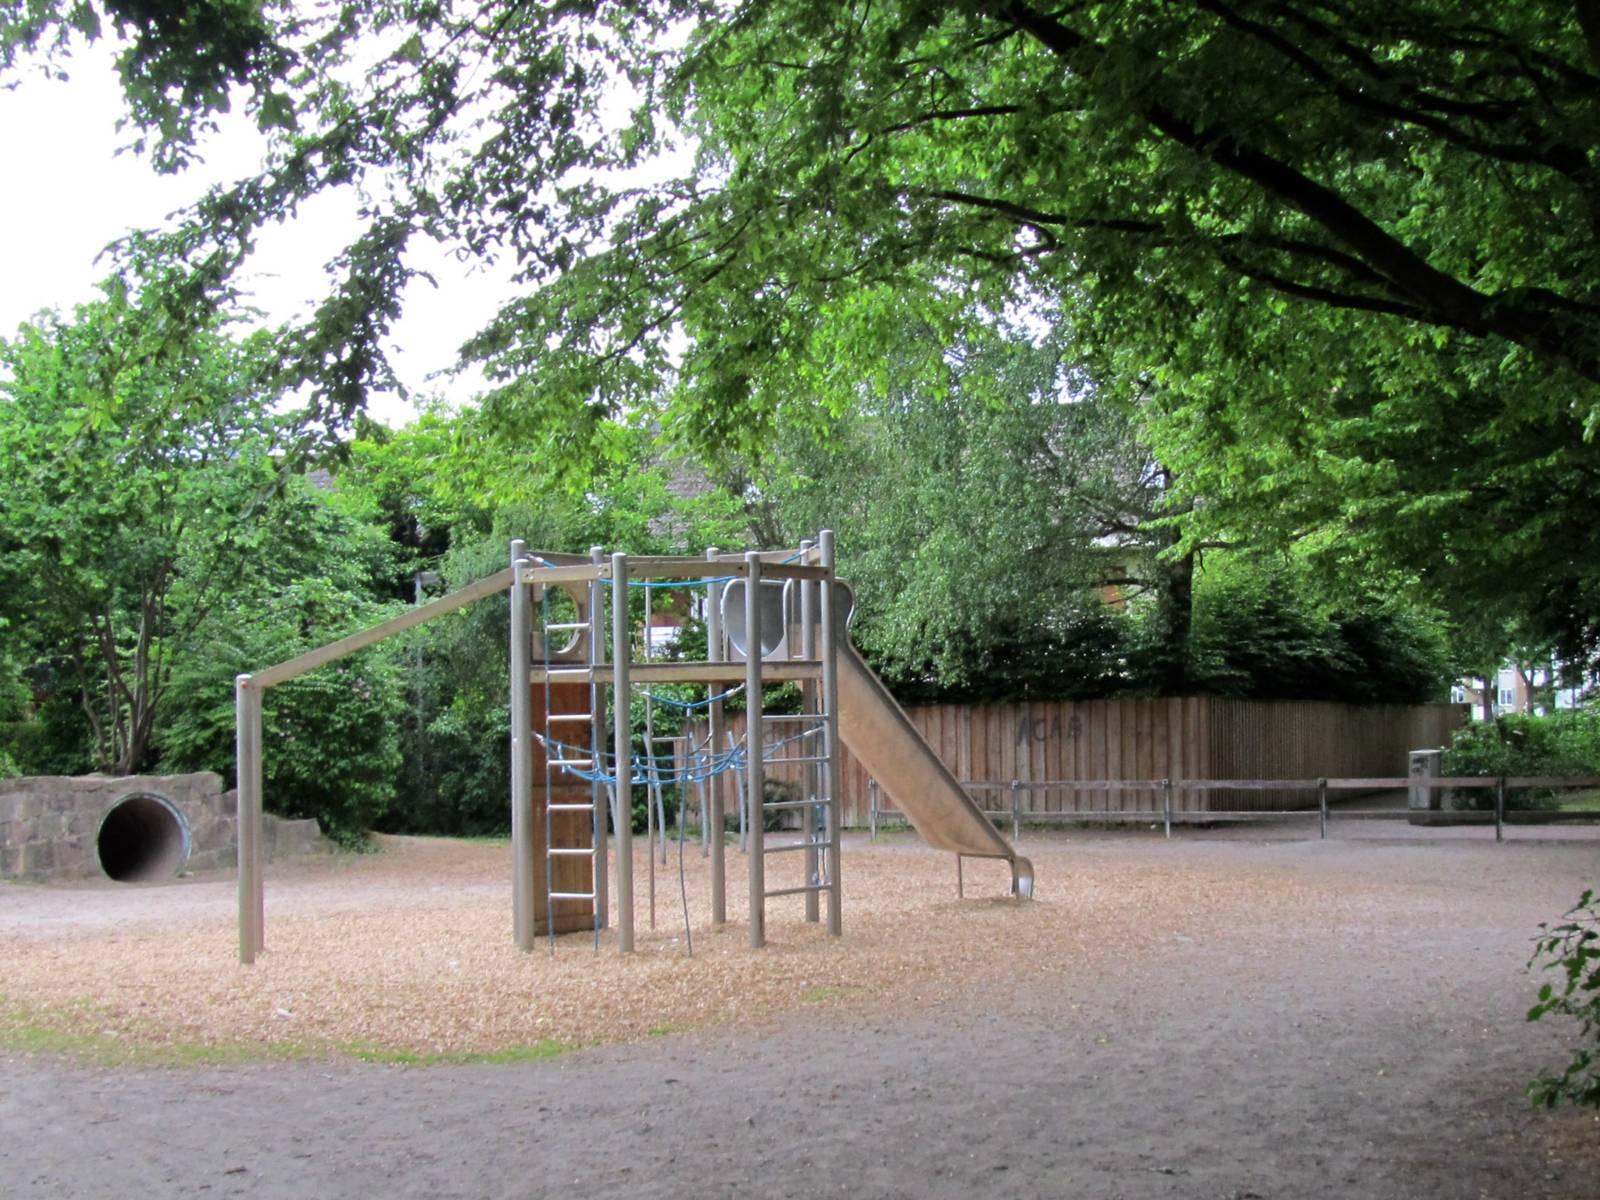 Ein Klettergerüst mit Rutsche unter Bäumen auf dem Spielplatz Schollweg